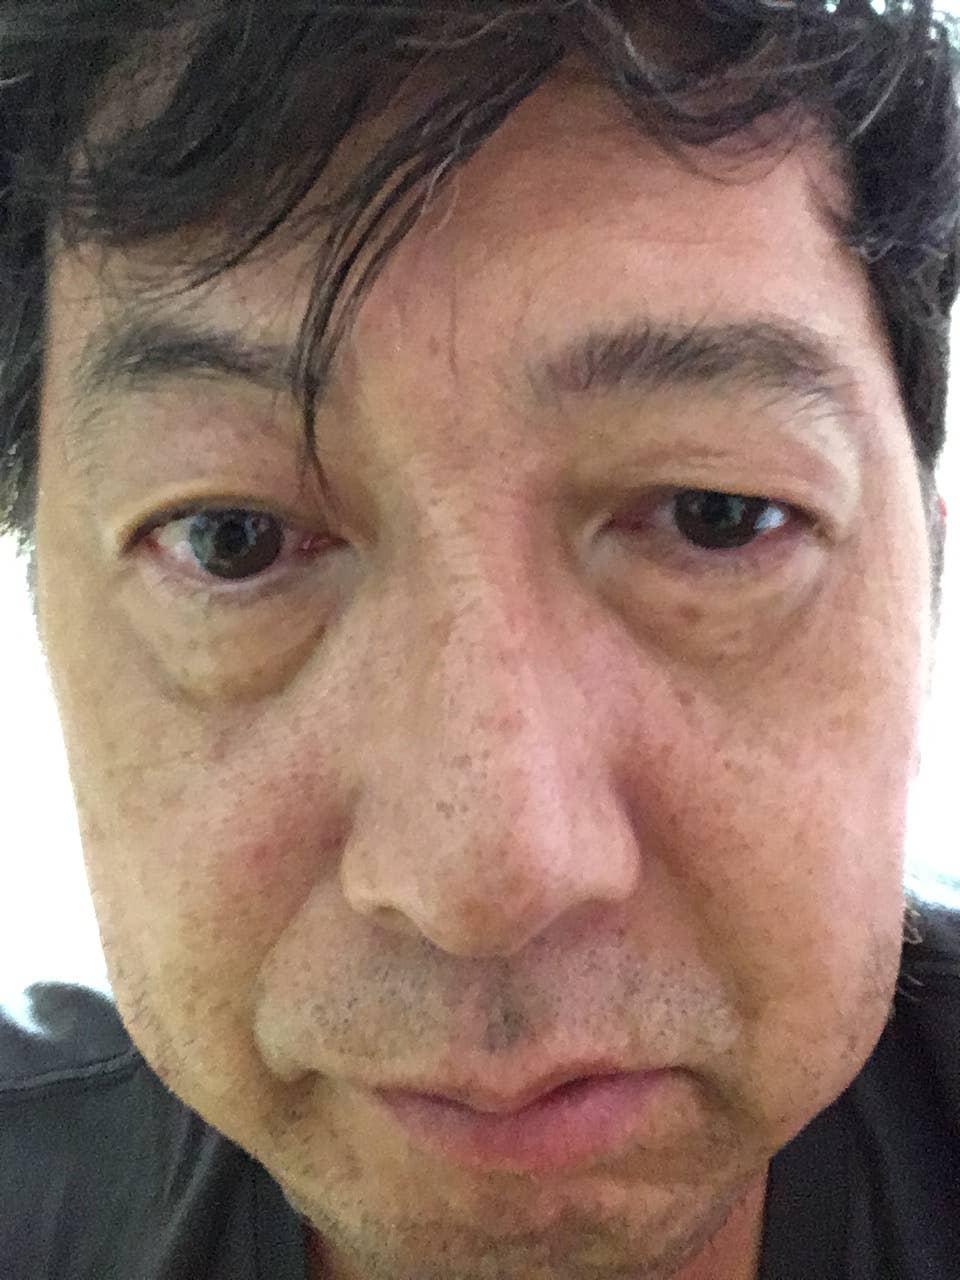 Makoto Ishitani